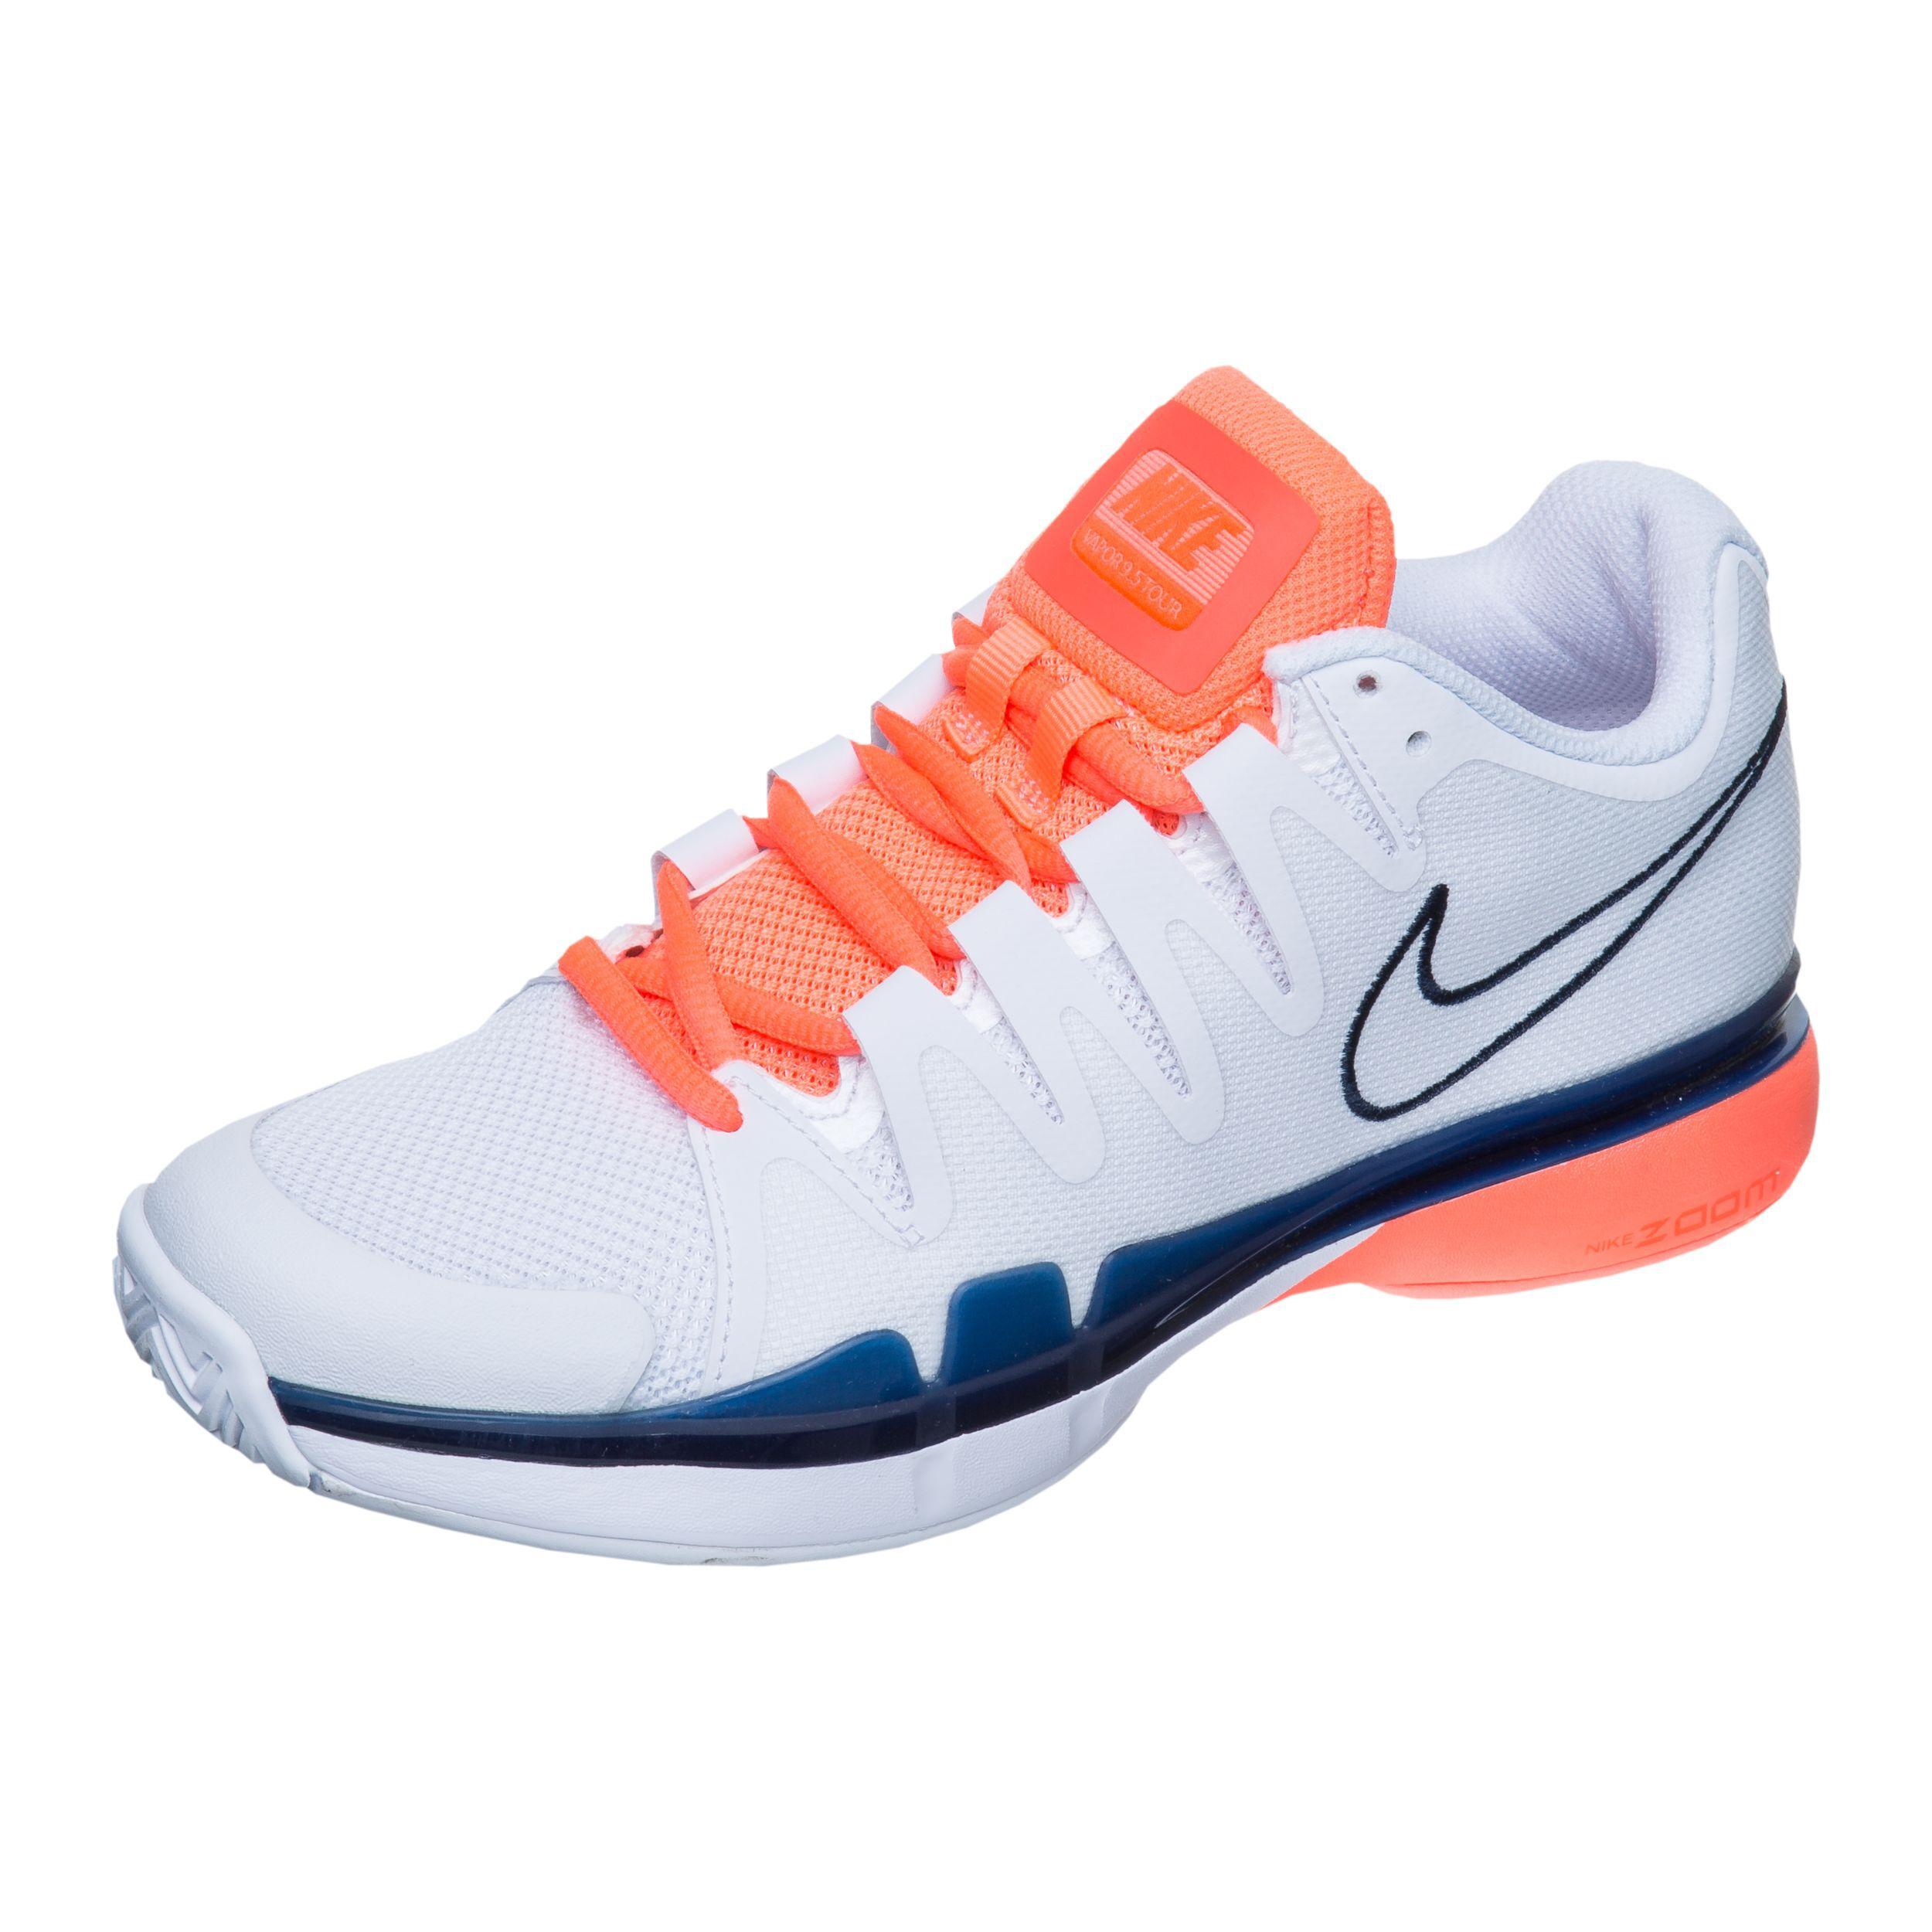 2019 nueva venta caliente Nike Zapatillas Zoom Vapor 9.5